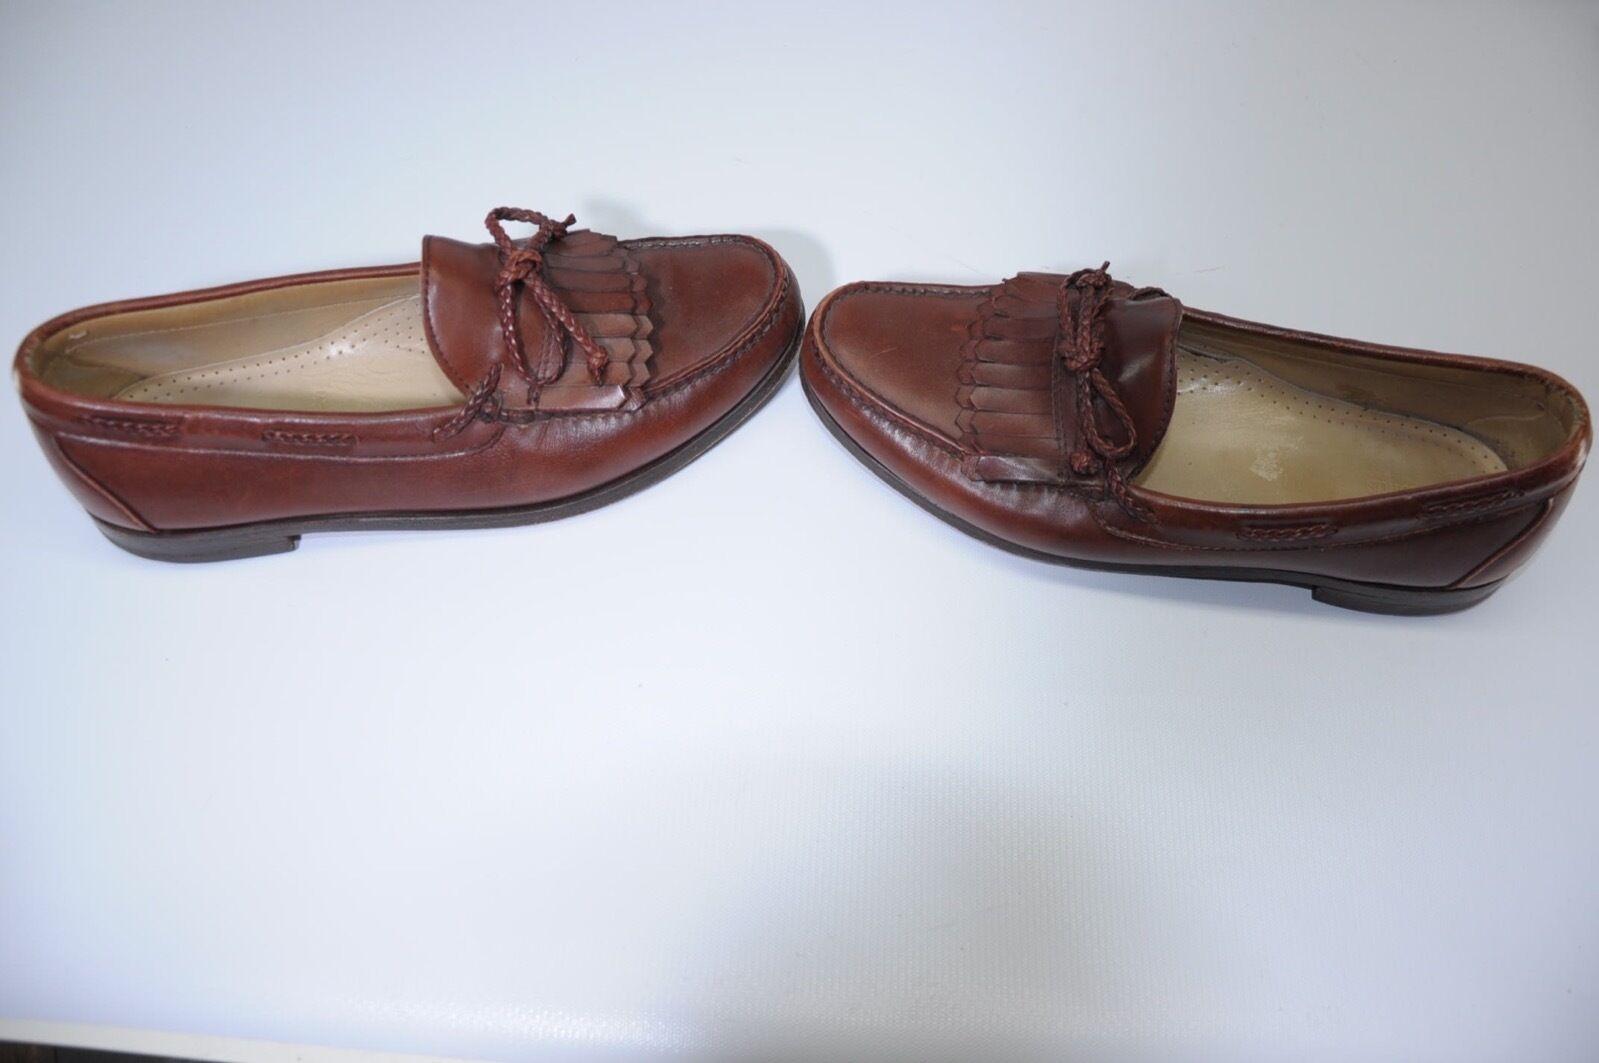 Allen Edmonds Woodstock braun Double Kiltie Braided Tassel Tie Loafers Loafers Loafers 11 D USA 9cbb24